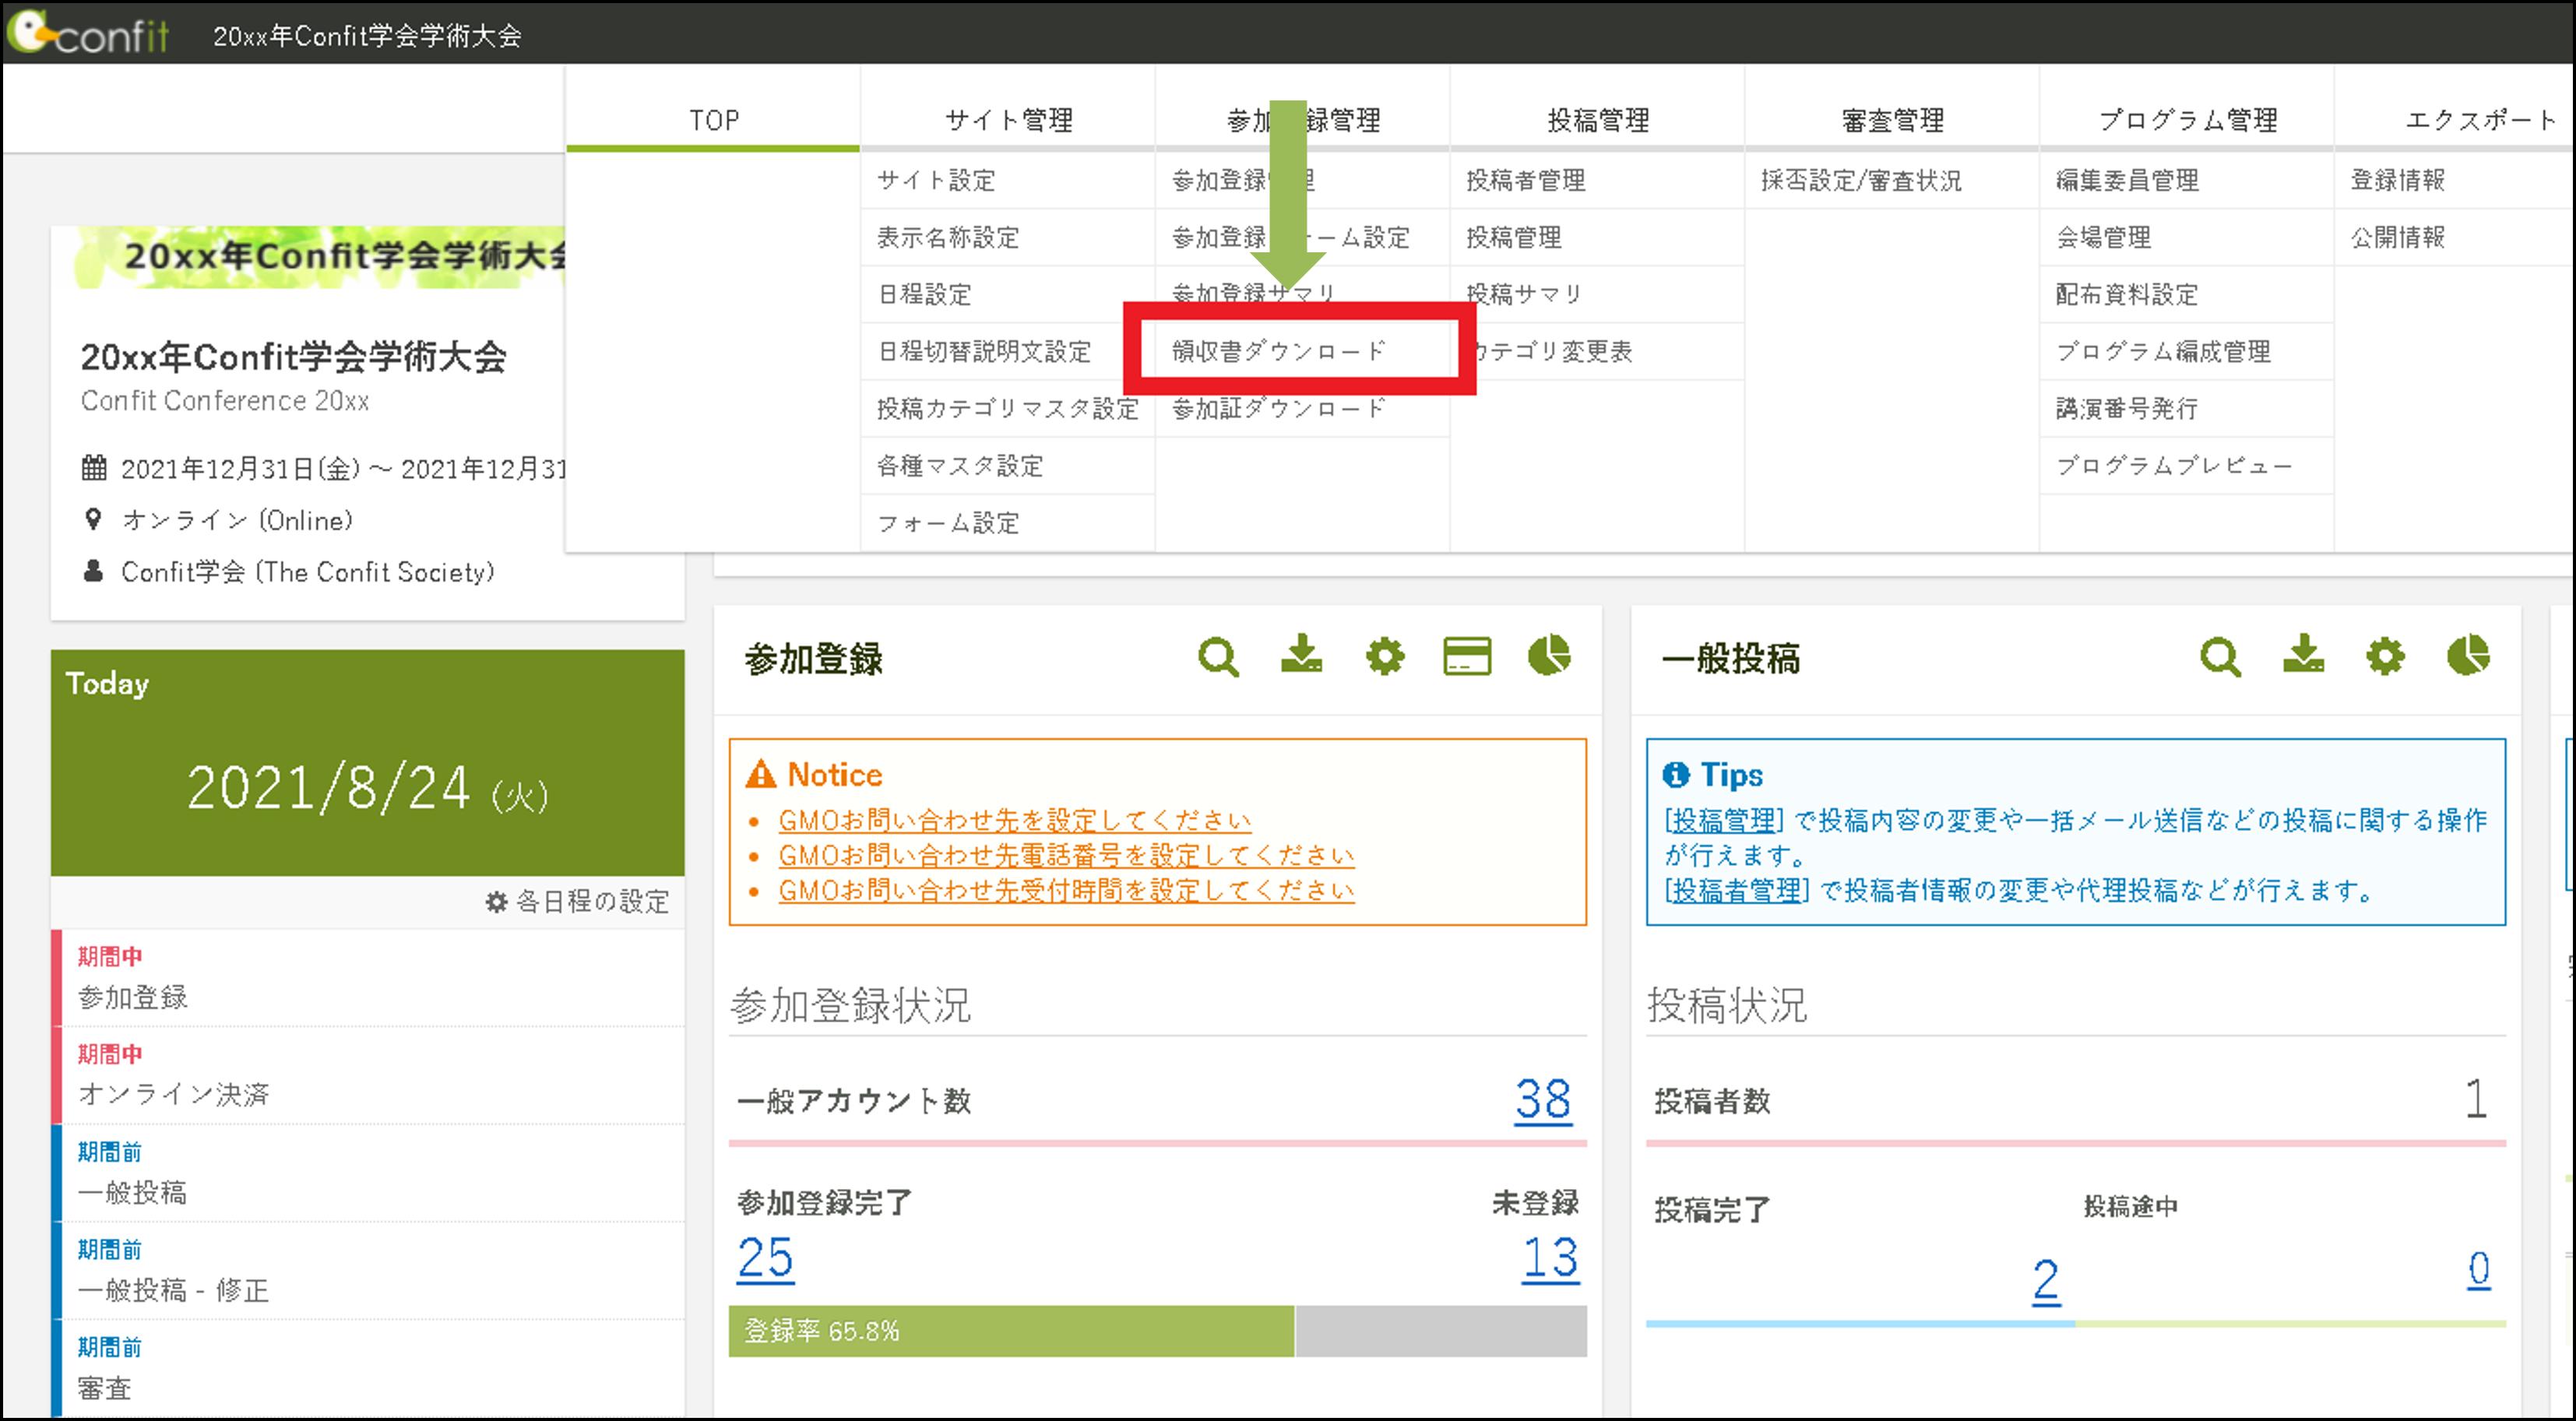 Confitの管理画面メニュー。「参加登録管理」→「領収書ダウンロード」と進むと領収書ダウンロードページに遷移できる。